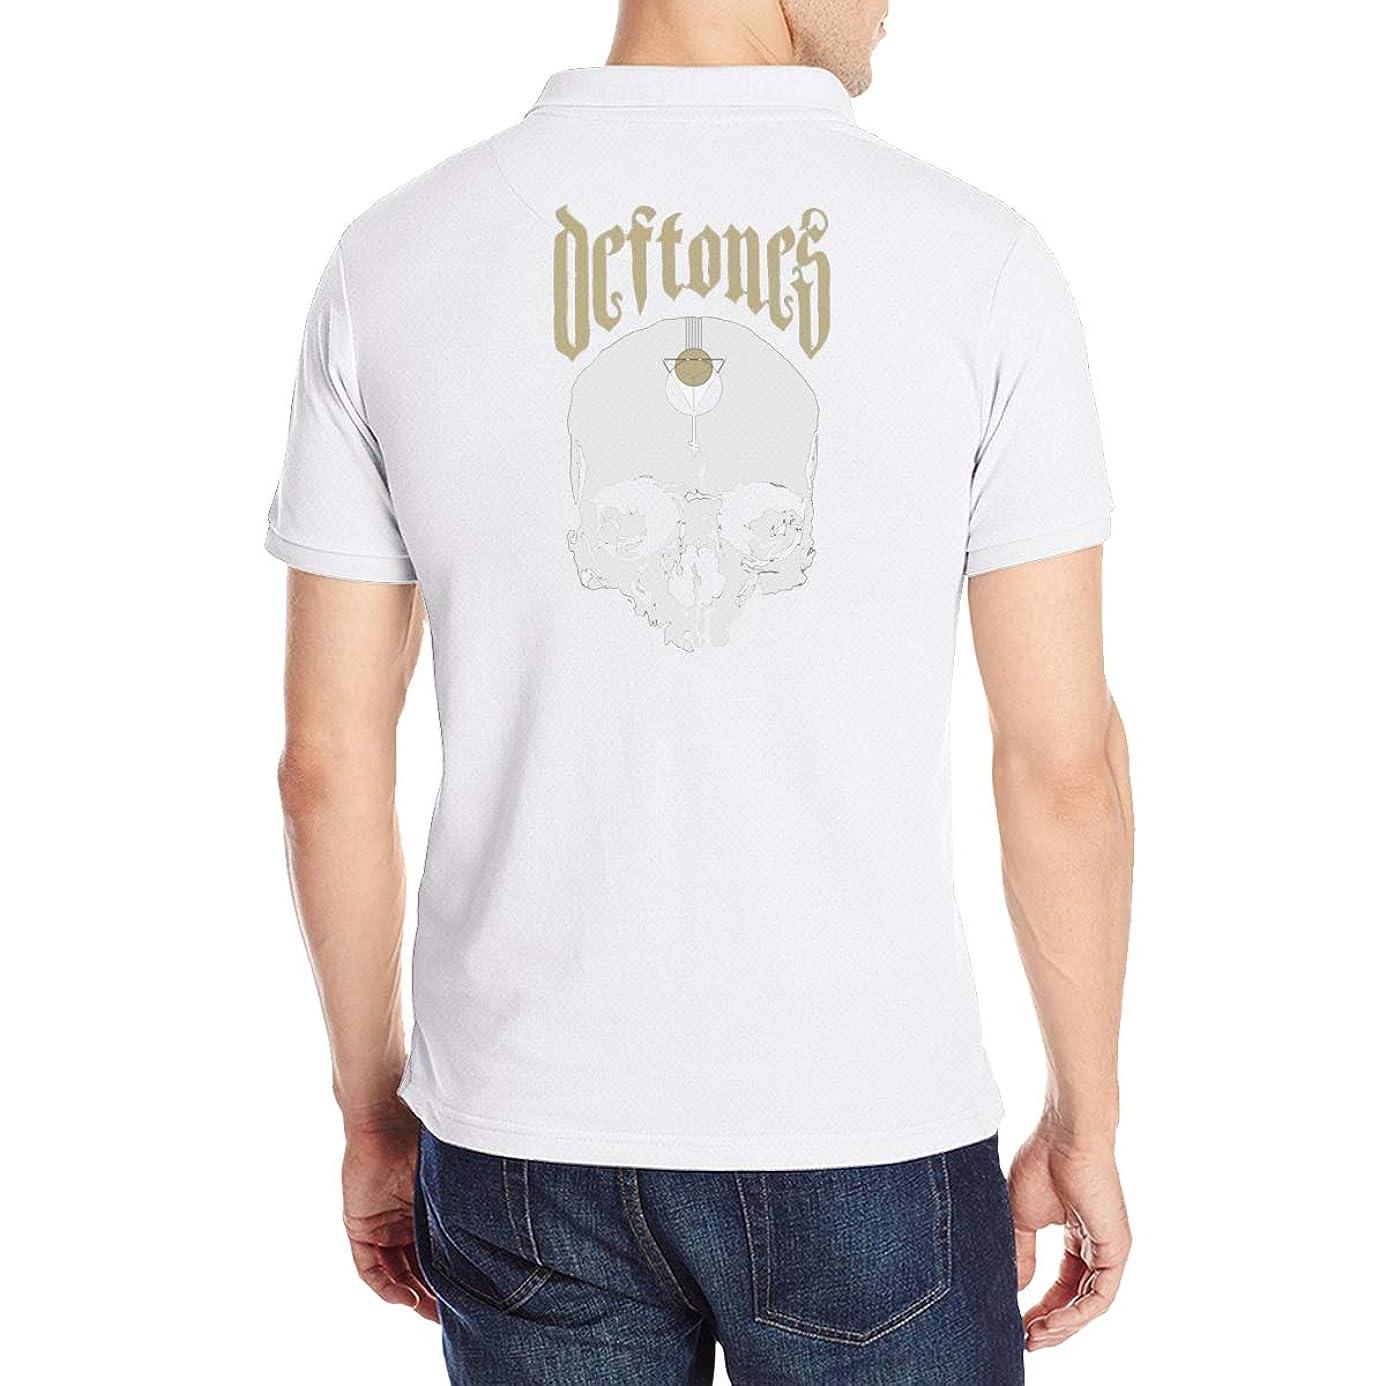 石のに対処する自我Deftones デフトーンズ メンズ ポロシャツ クラシックフィット吸汗速乾 Tシャツ ストレッチ 半袖 Poloシャツスポーツ ゴルフ ゴルフウェア 春 夏 シャツ Polo Shirts